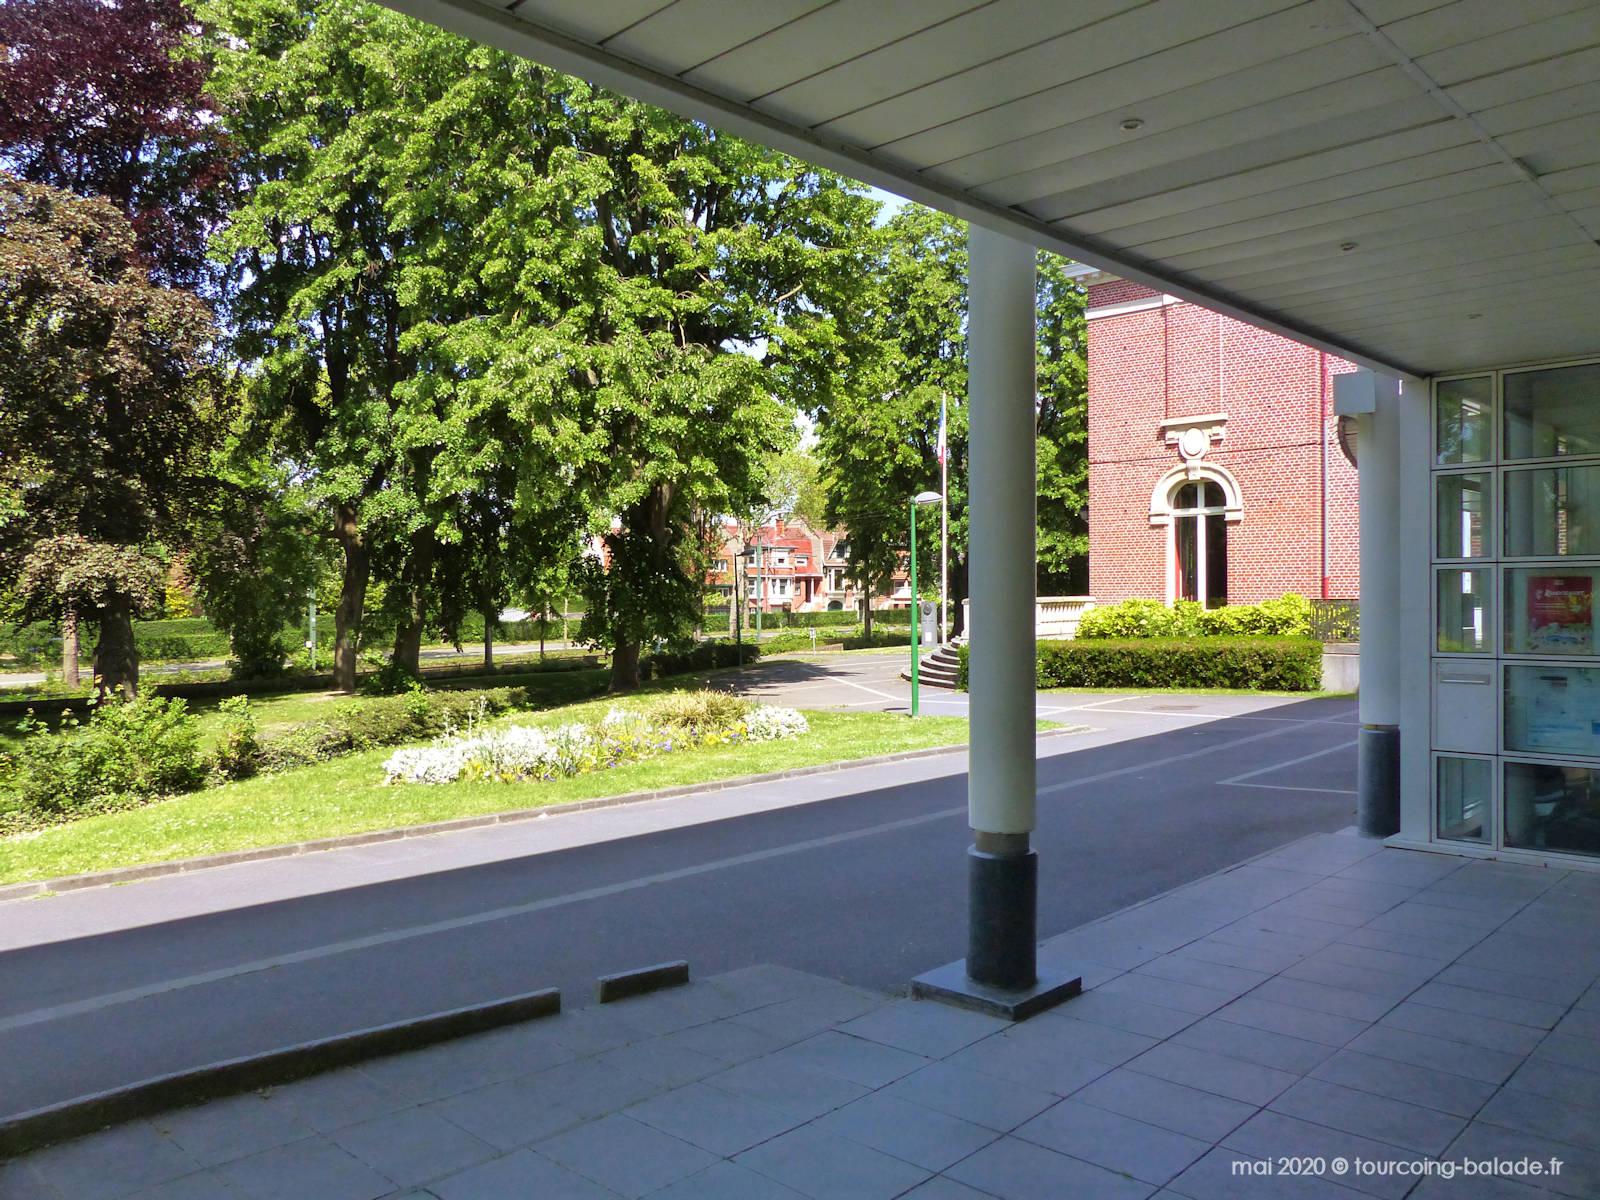 Boulevard Carnot, Mouvaux 2020